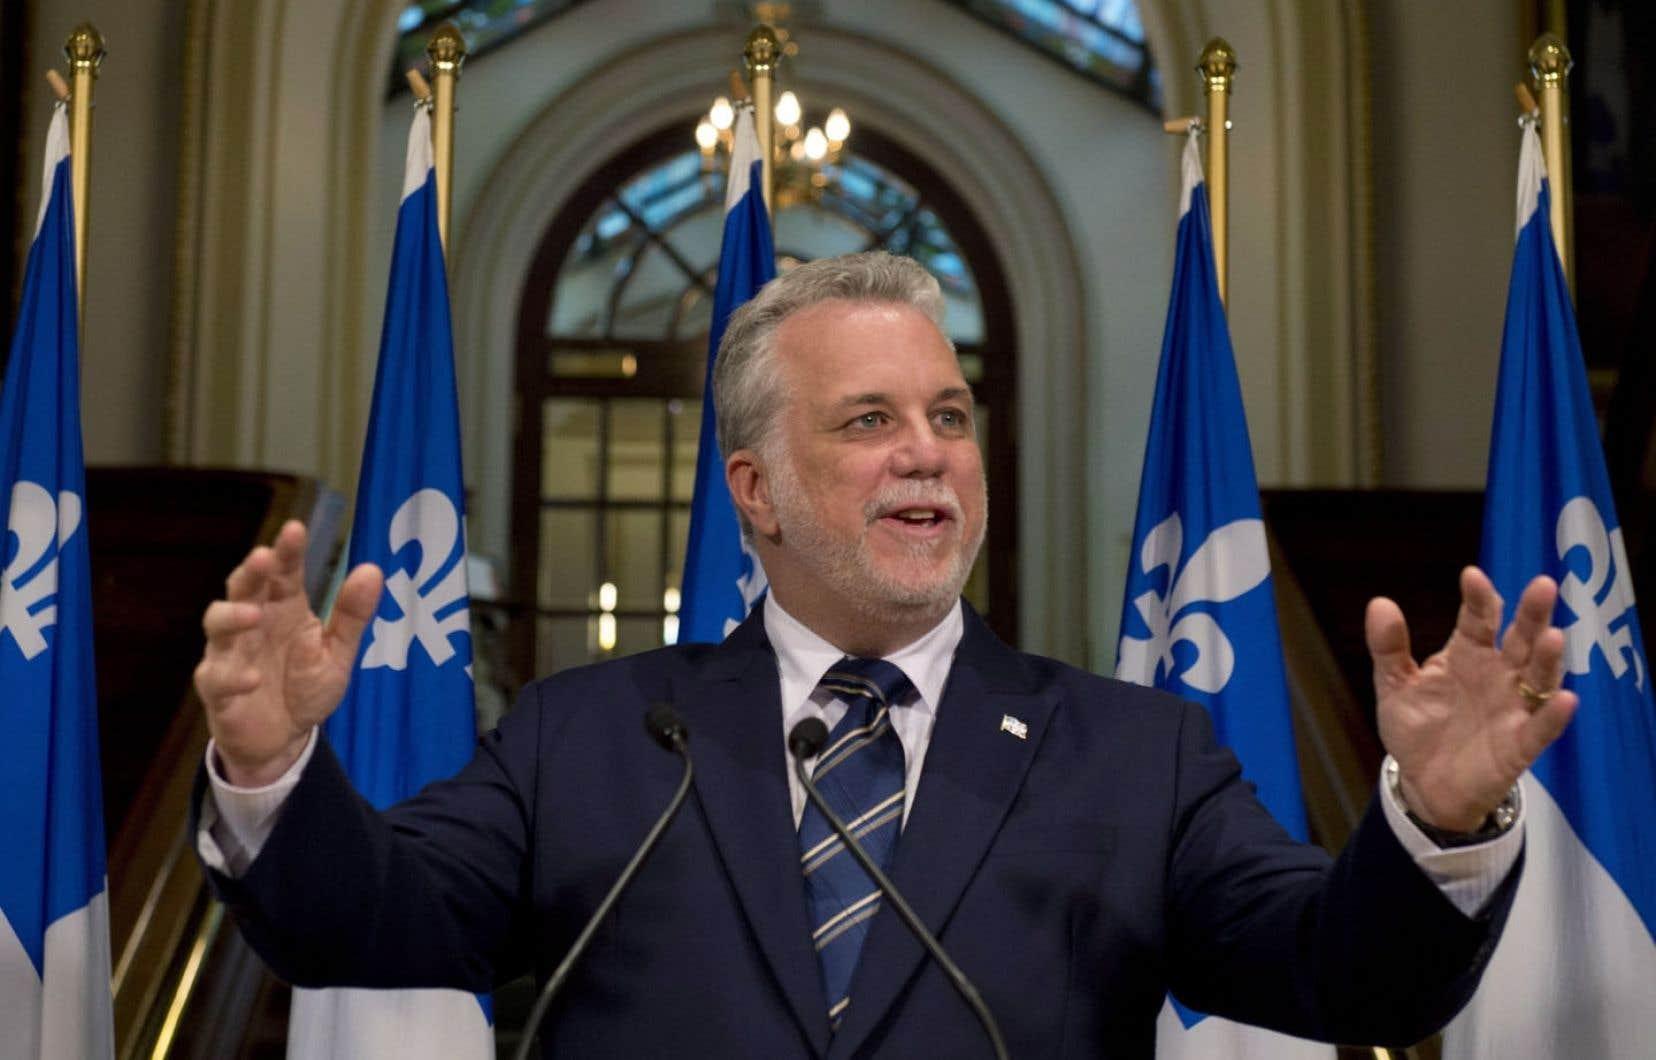 Philippe Couillard en conférence de presse à Québec mardi. Le premier ministre élu souhaite une adoption rapide du projet de loi péquiste sur la fin de vie et du projet libéral de charte de la laïcité.